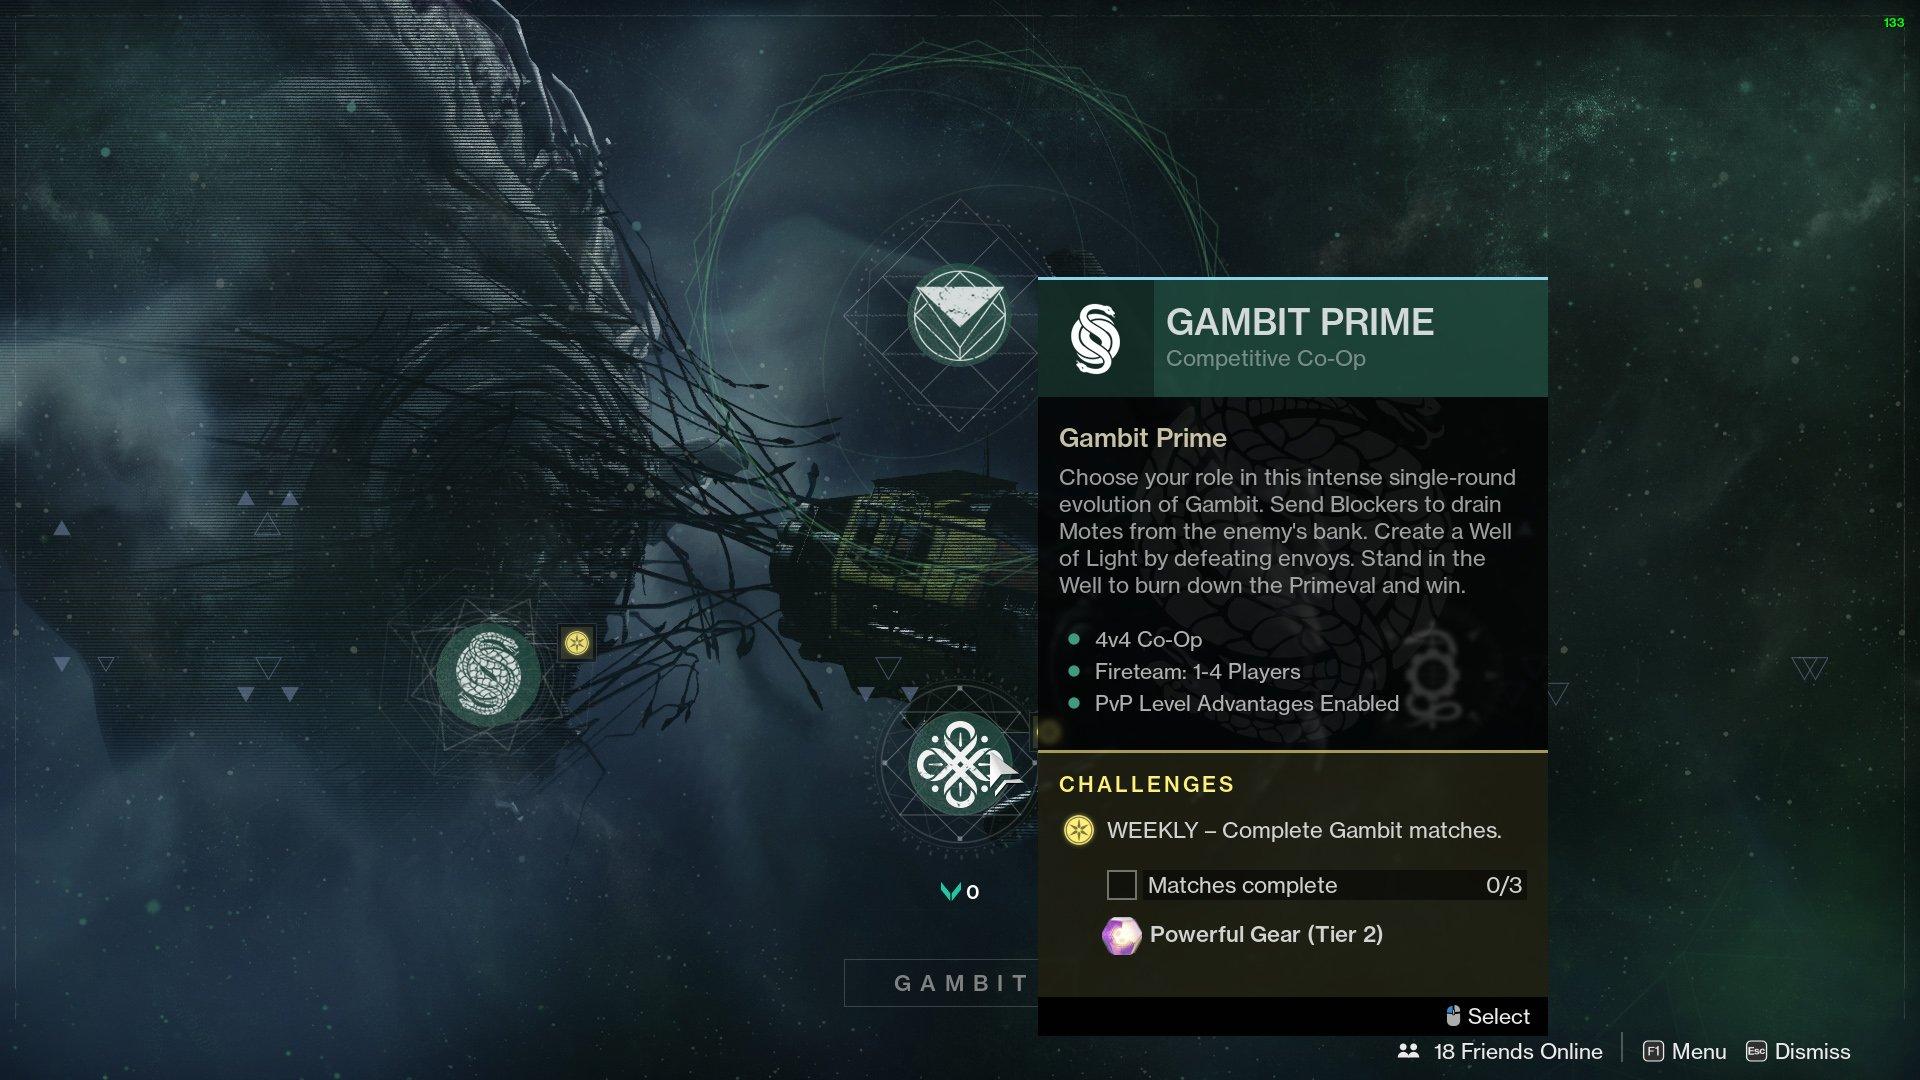 destiny 2 gambit prime